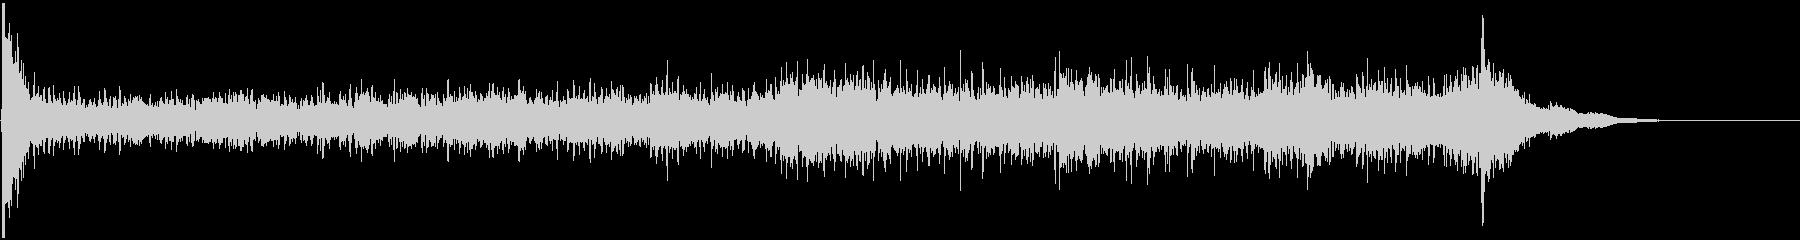 ティンパニロール-1の未再生の波形